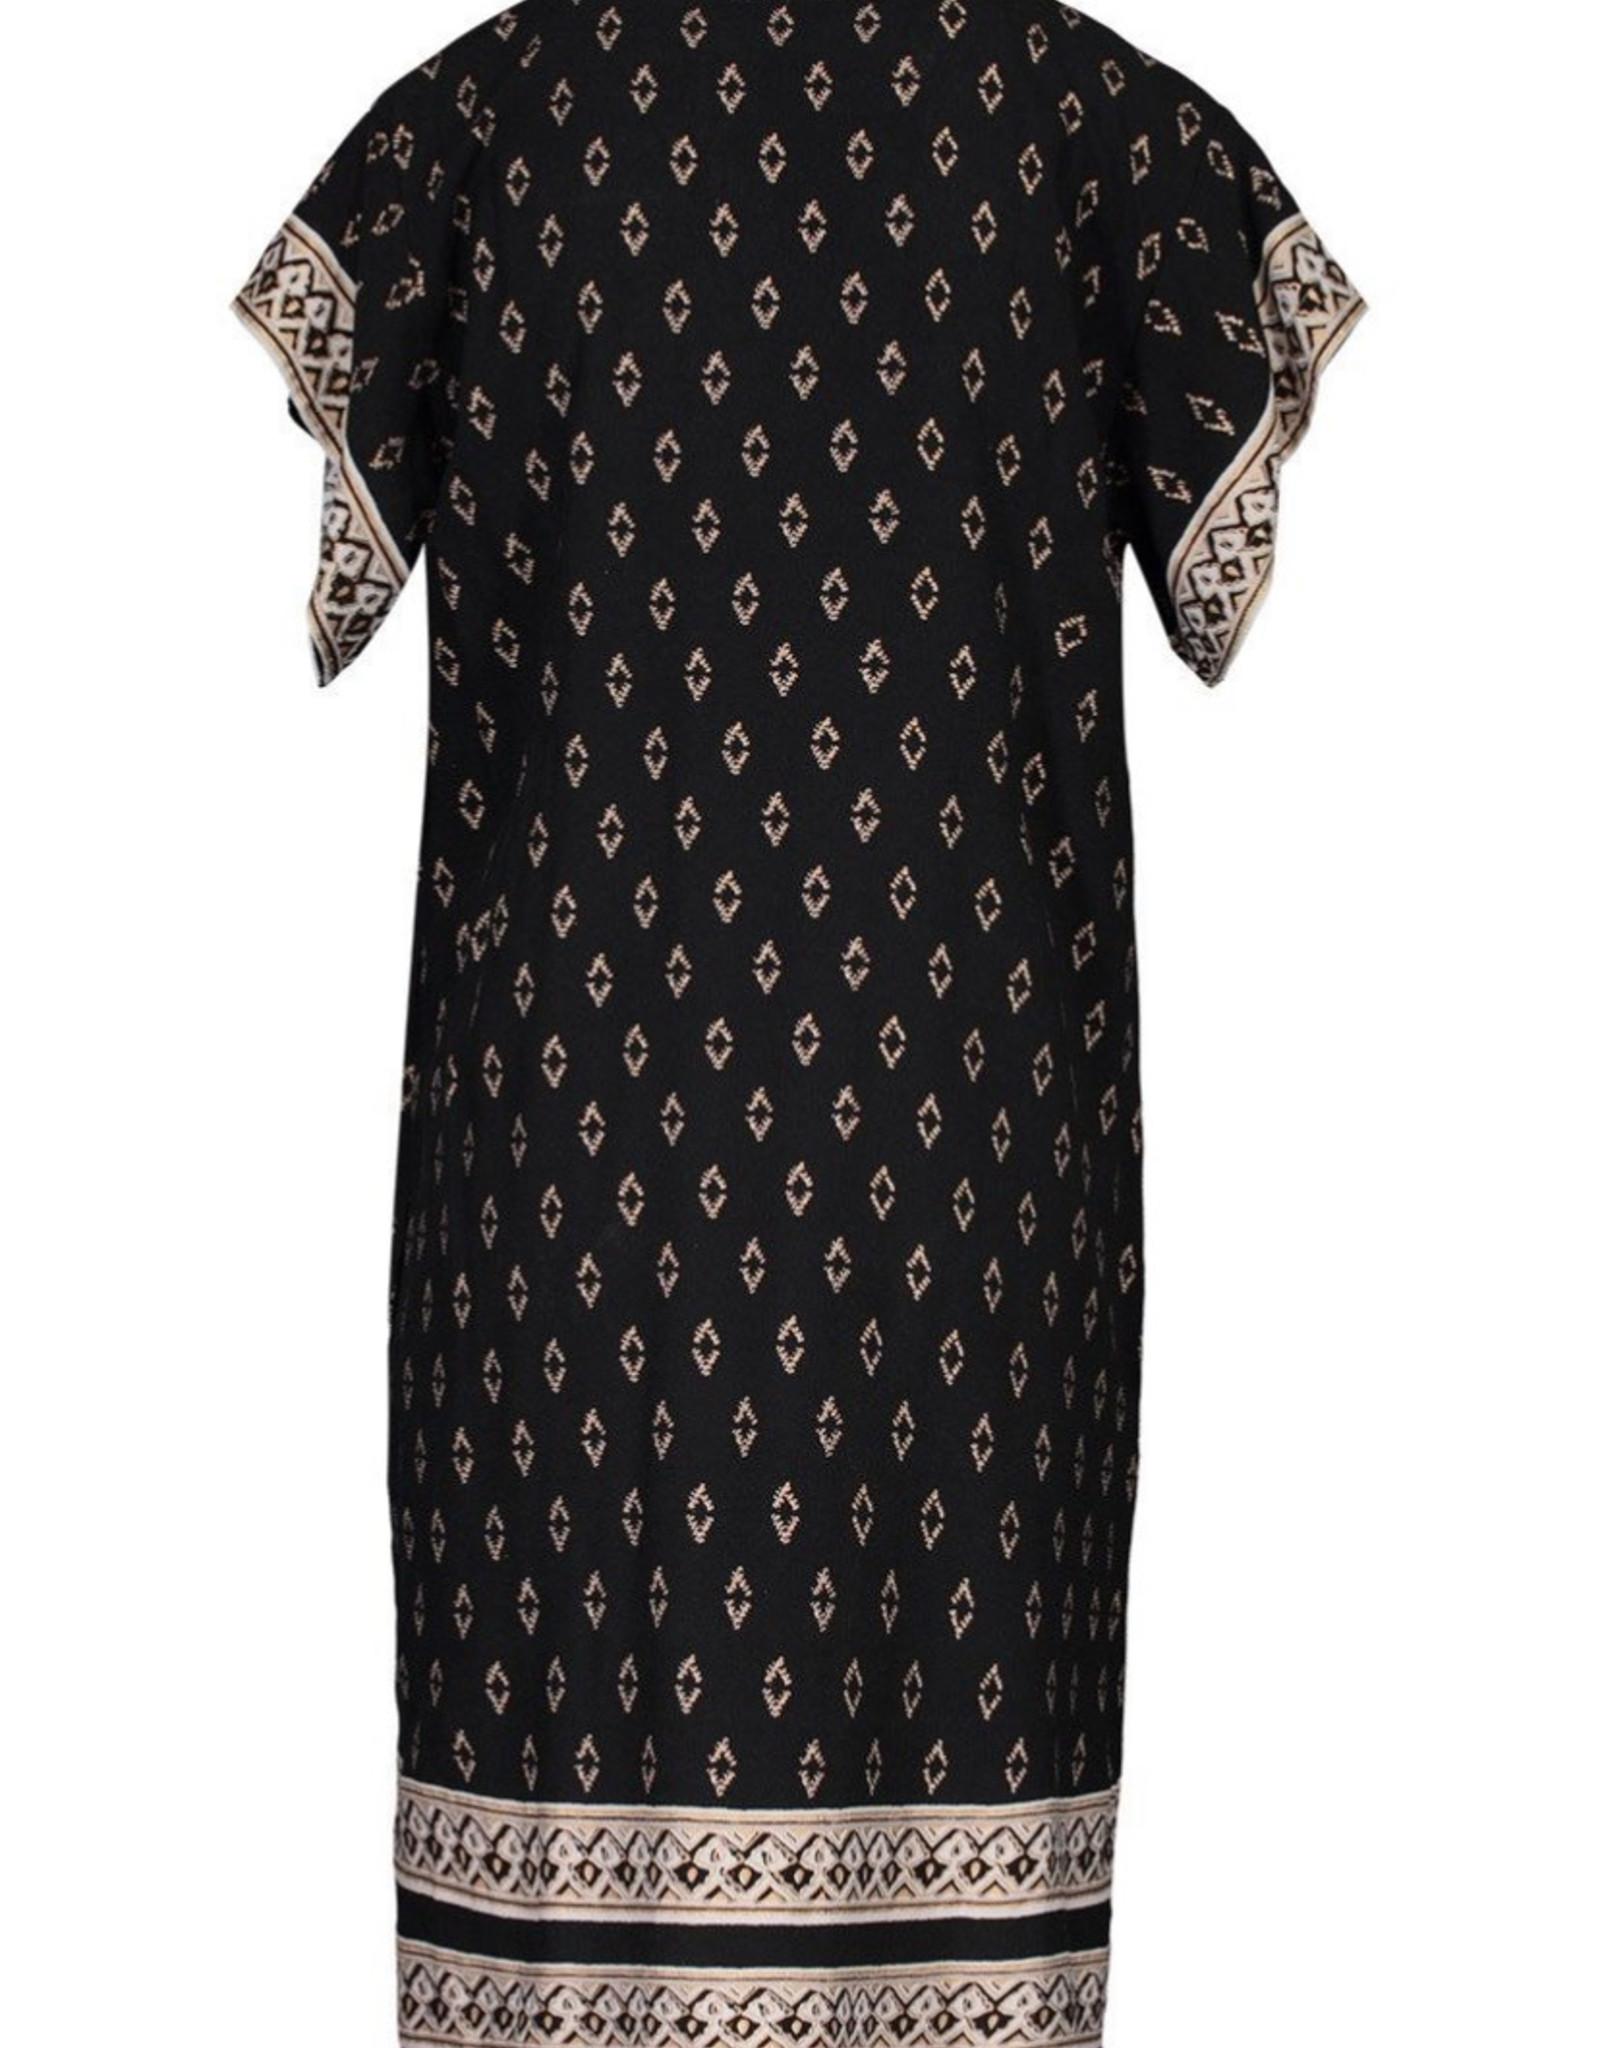 Flutter sleeve dress w/ tassels